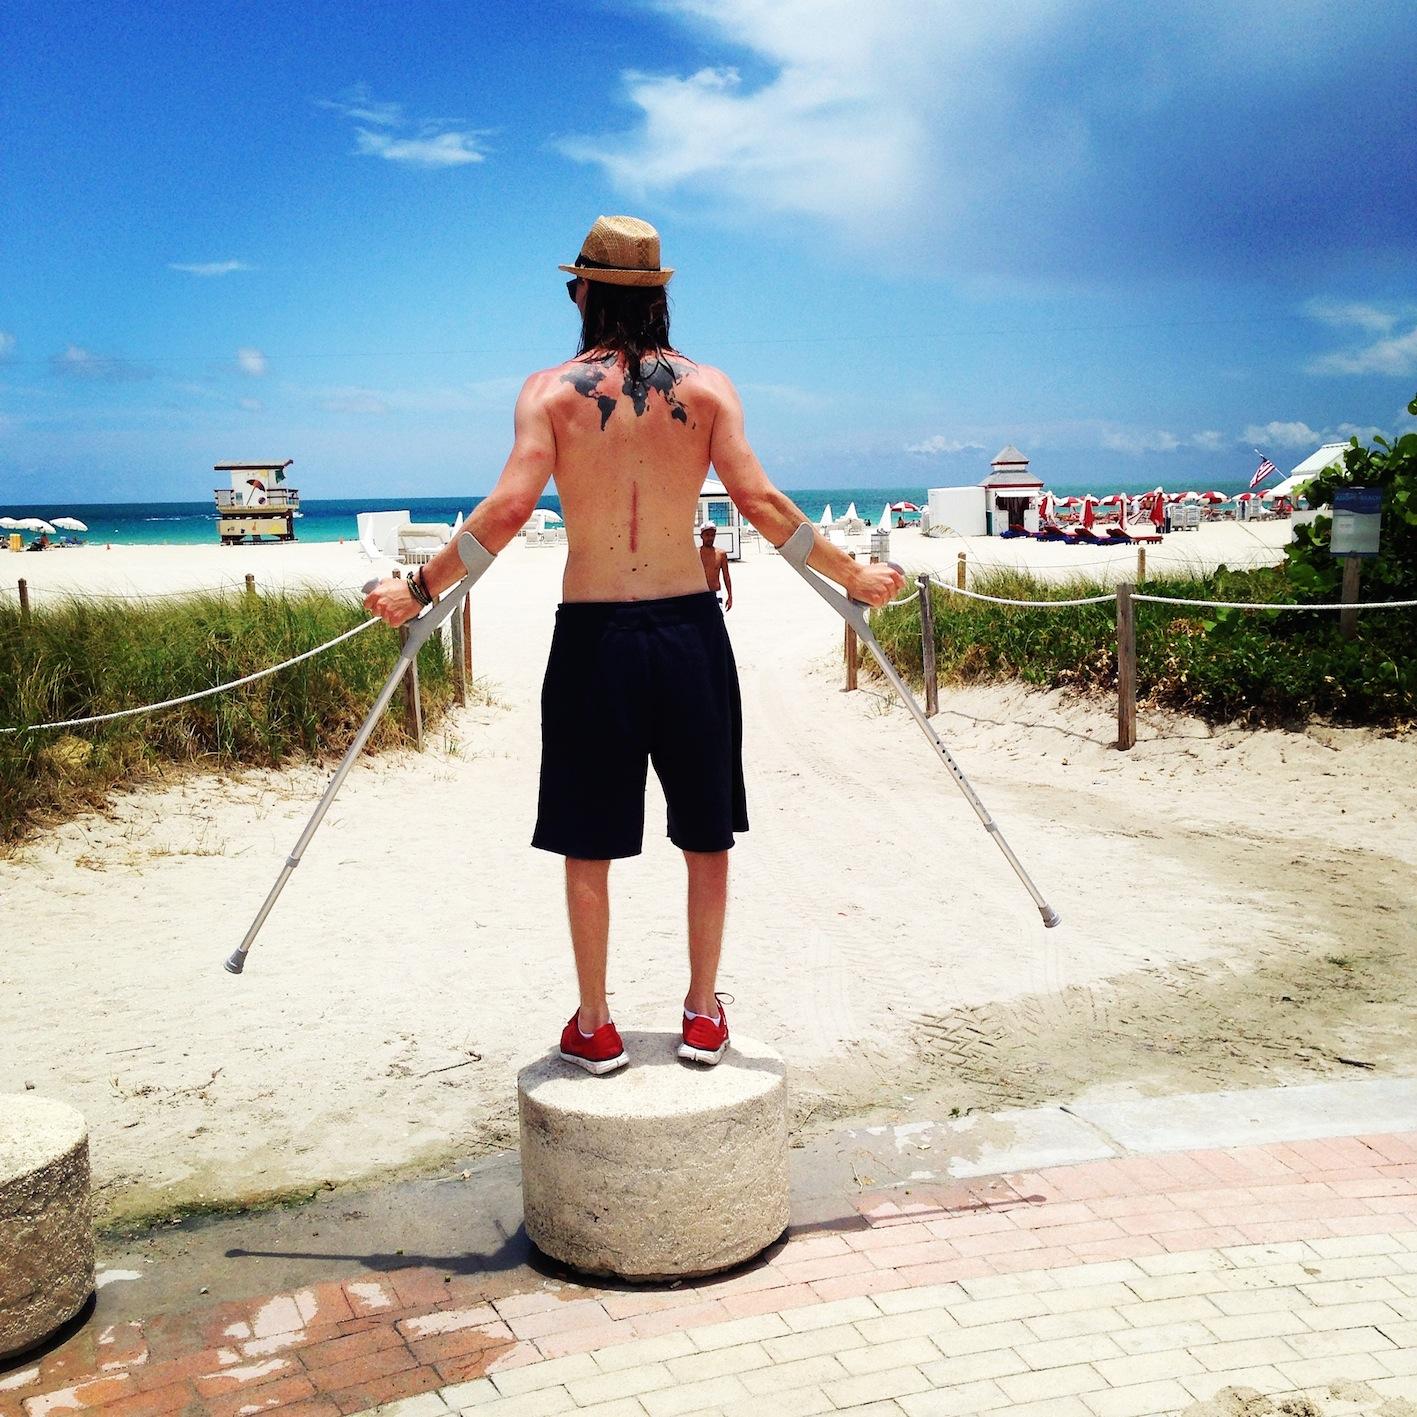 miami-kryckor-semester-strand-utsikt